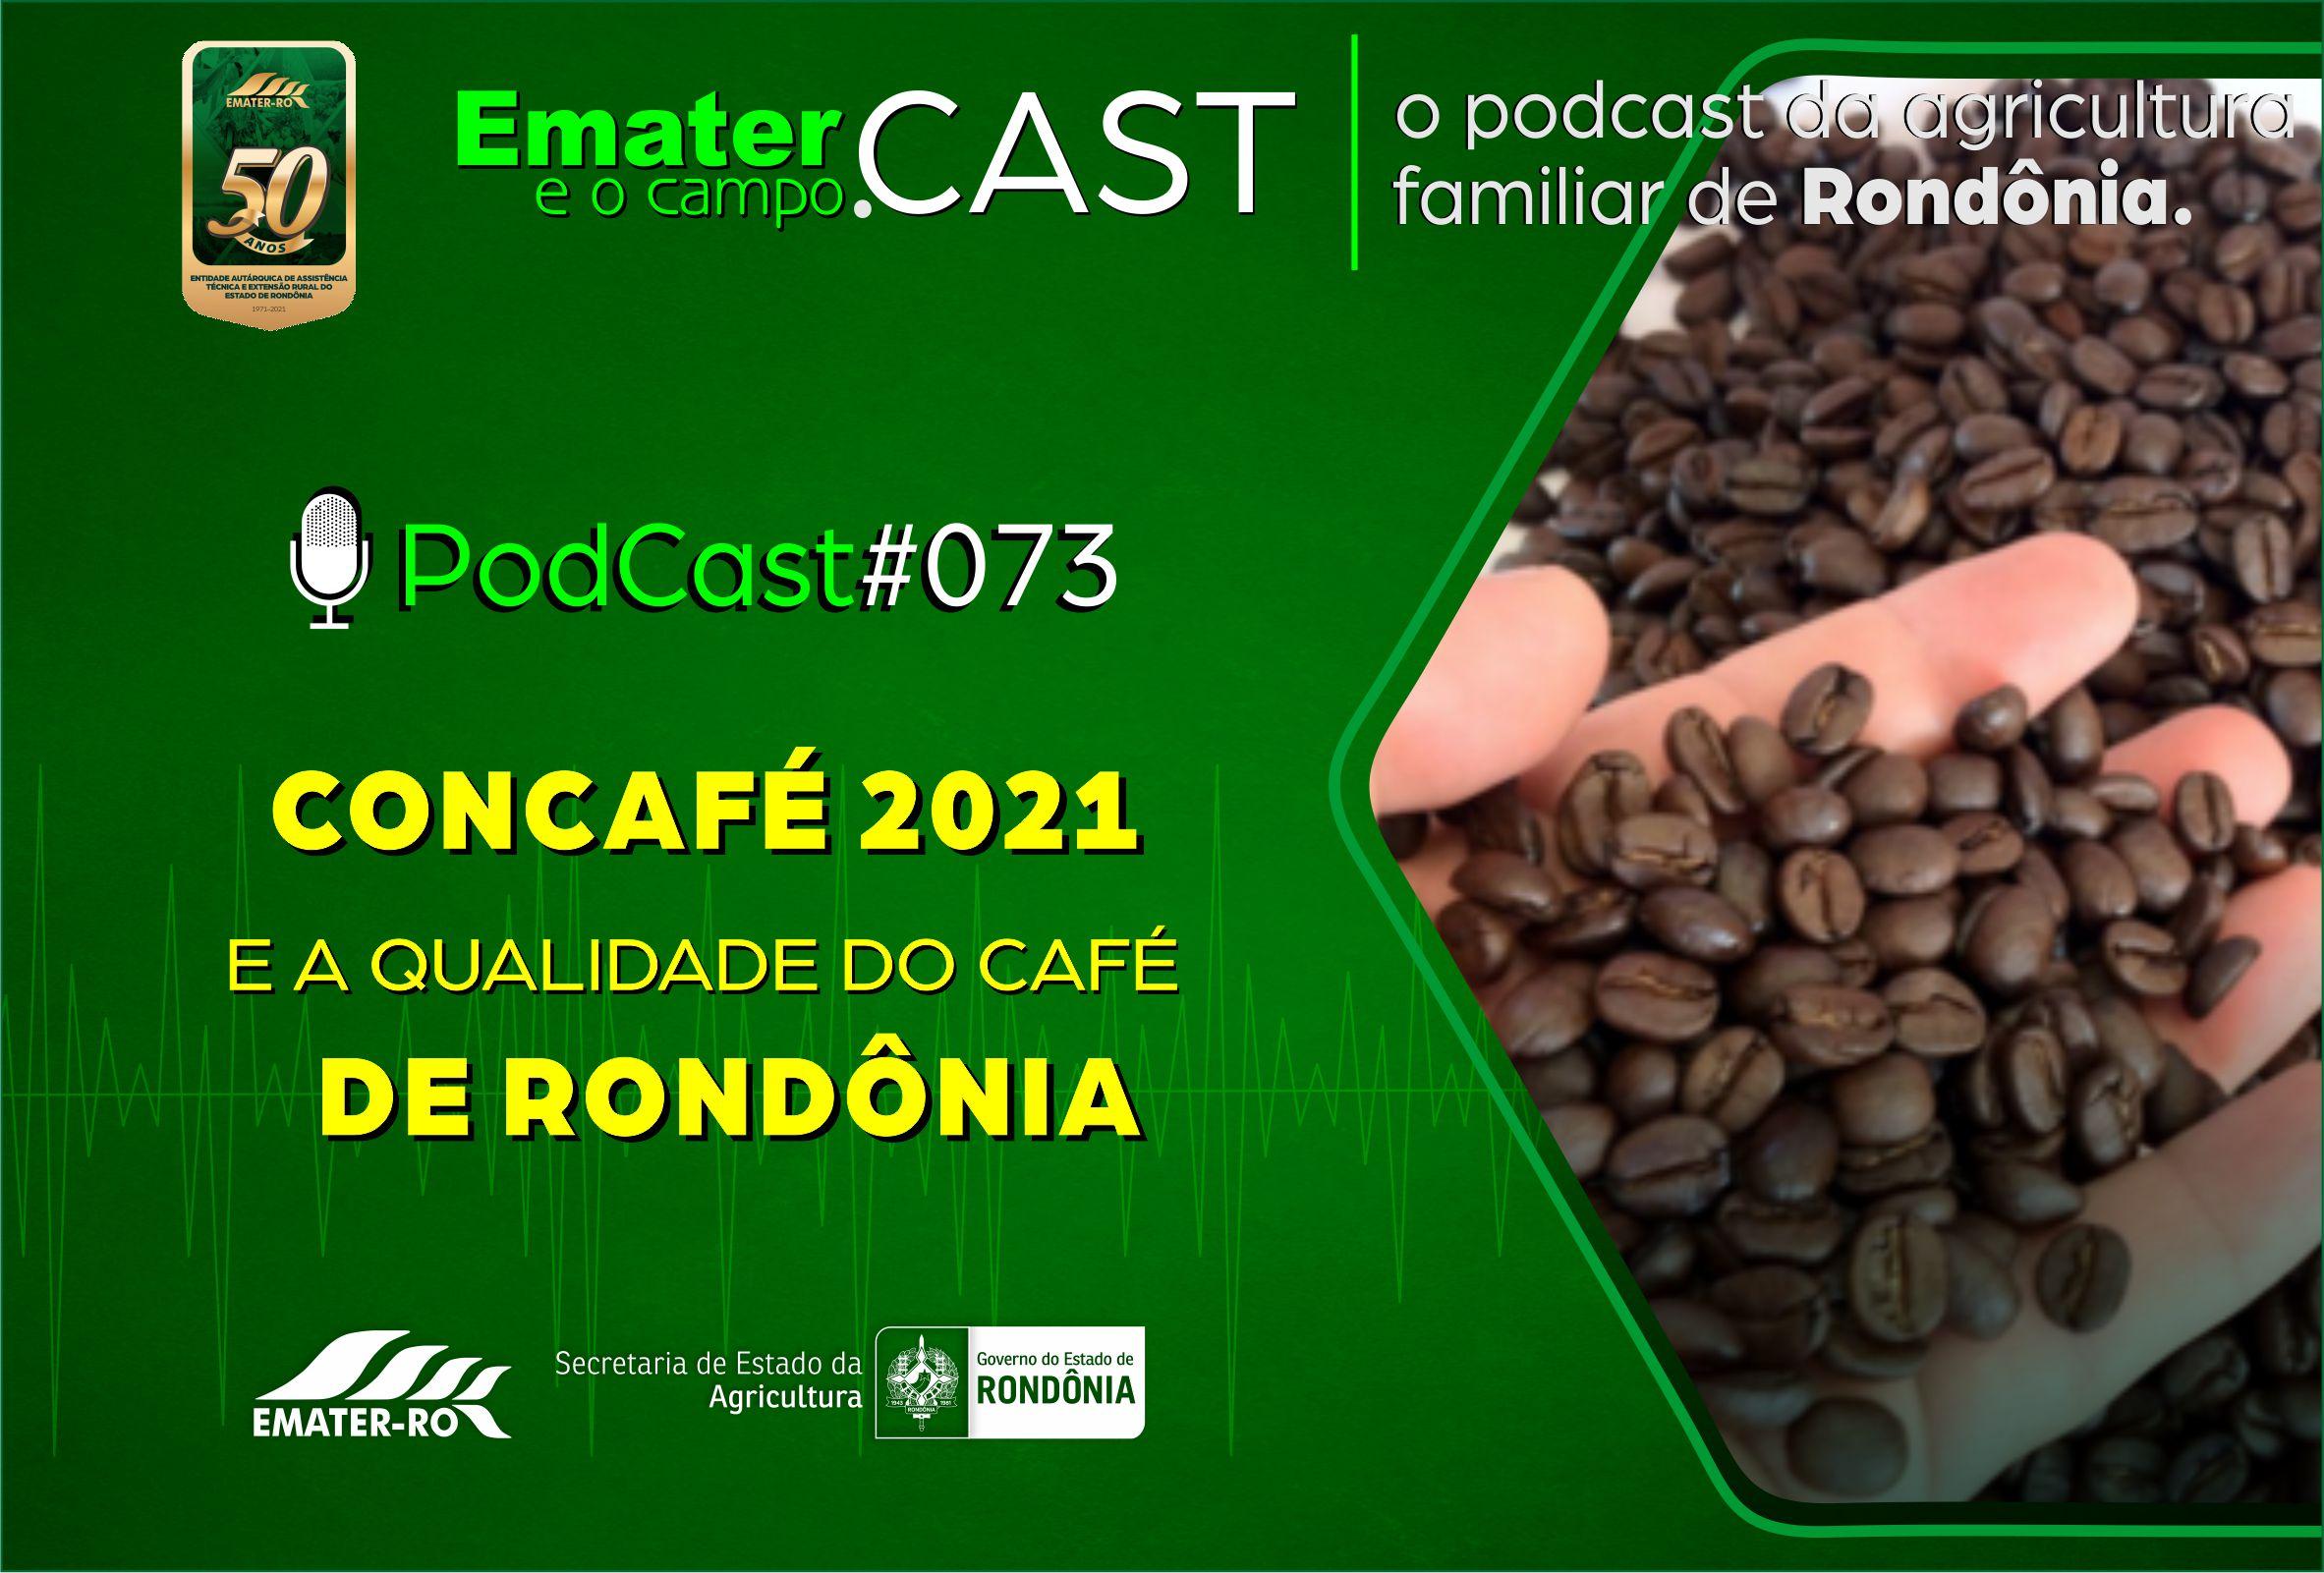 PodCast#073-Concafe e Qualidade do Cafe de RO